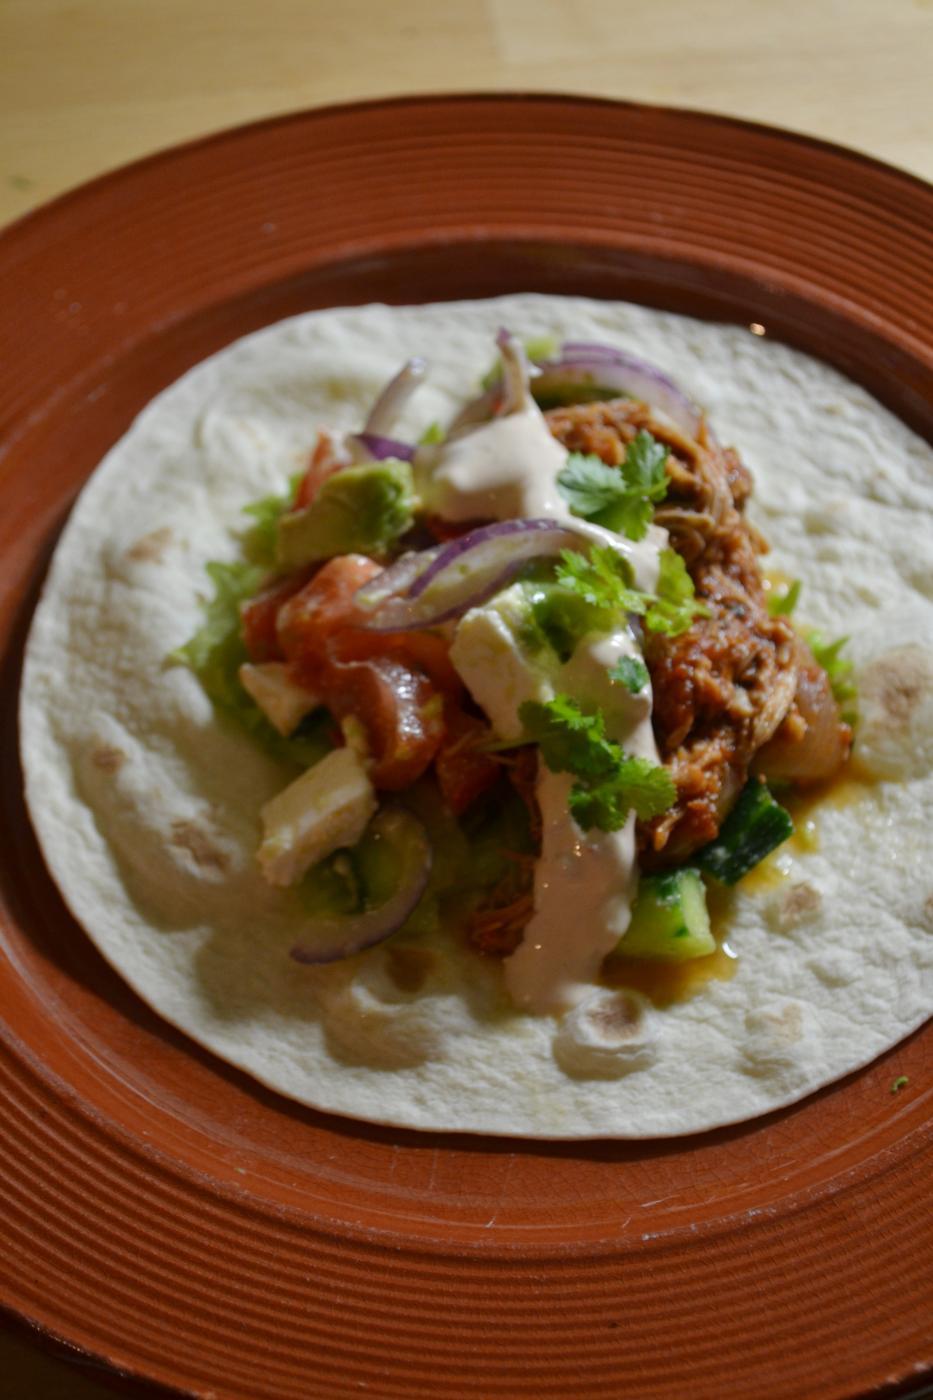 Revityllä broilerilla täytetyt tortillat ja chipotlekastike